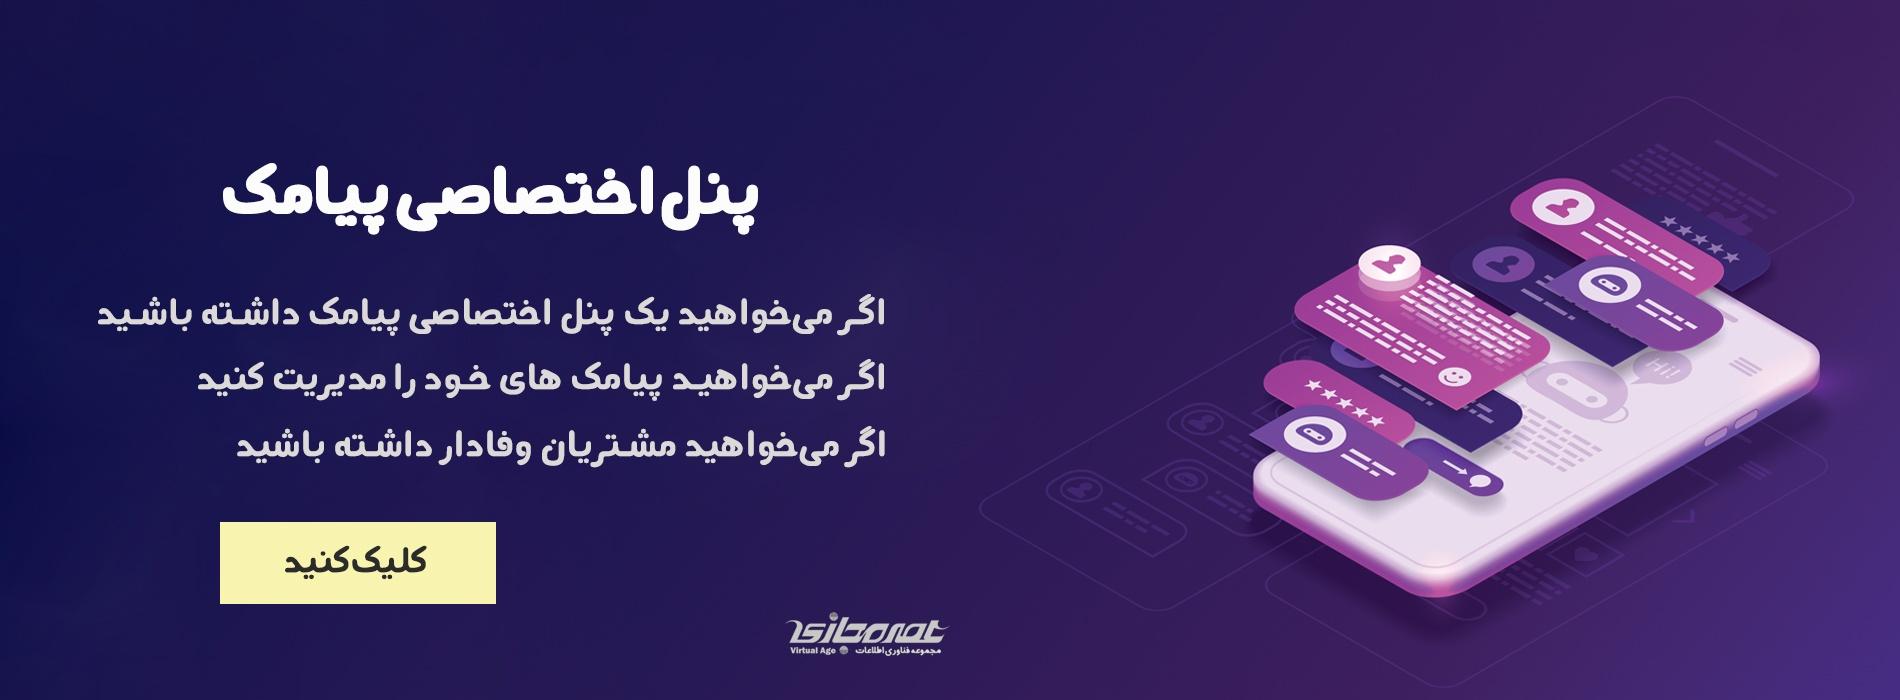 SMS مارکتینگ